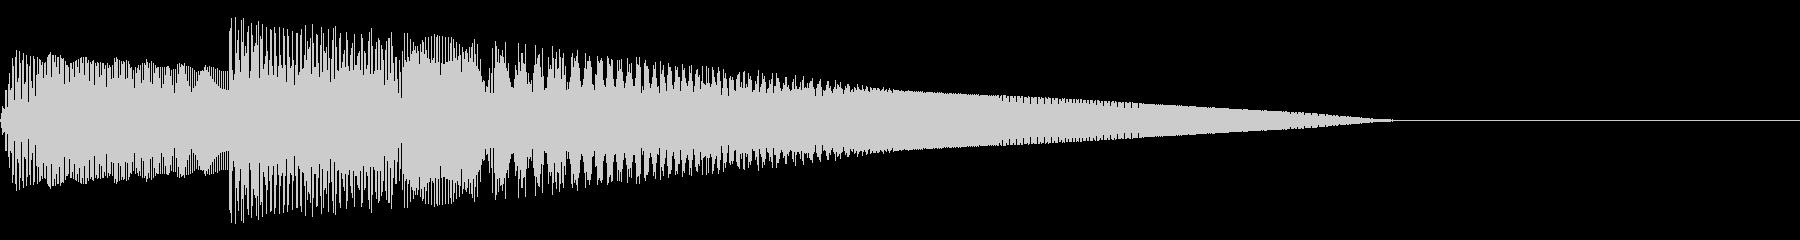 ピコココ(ファミコン/弾/攻撃/ジャンプの未再生の波形